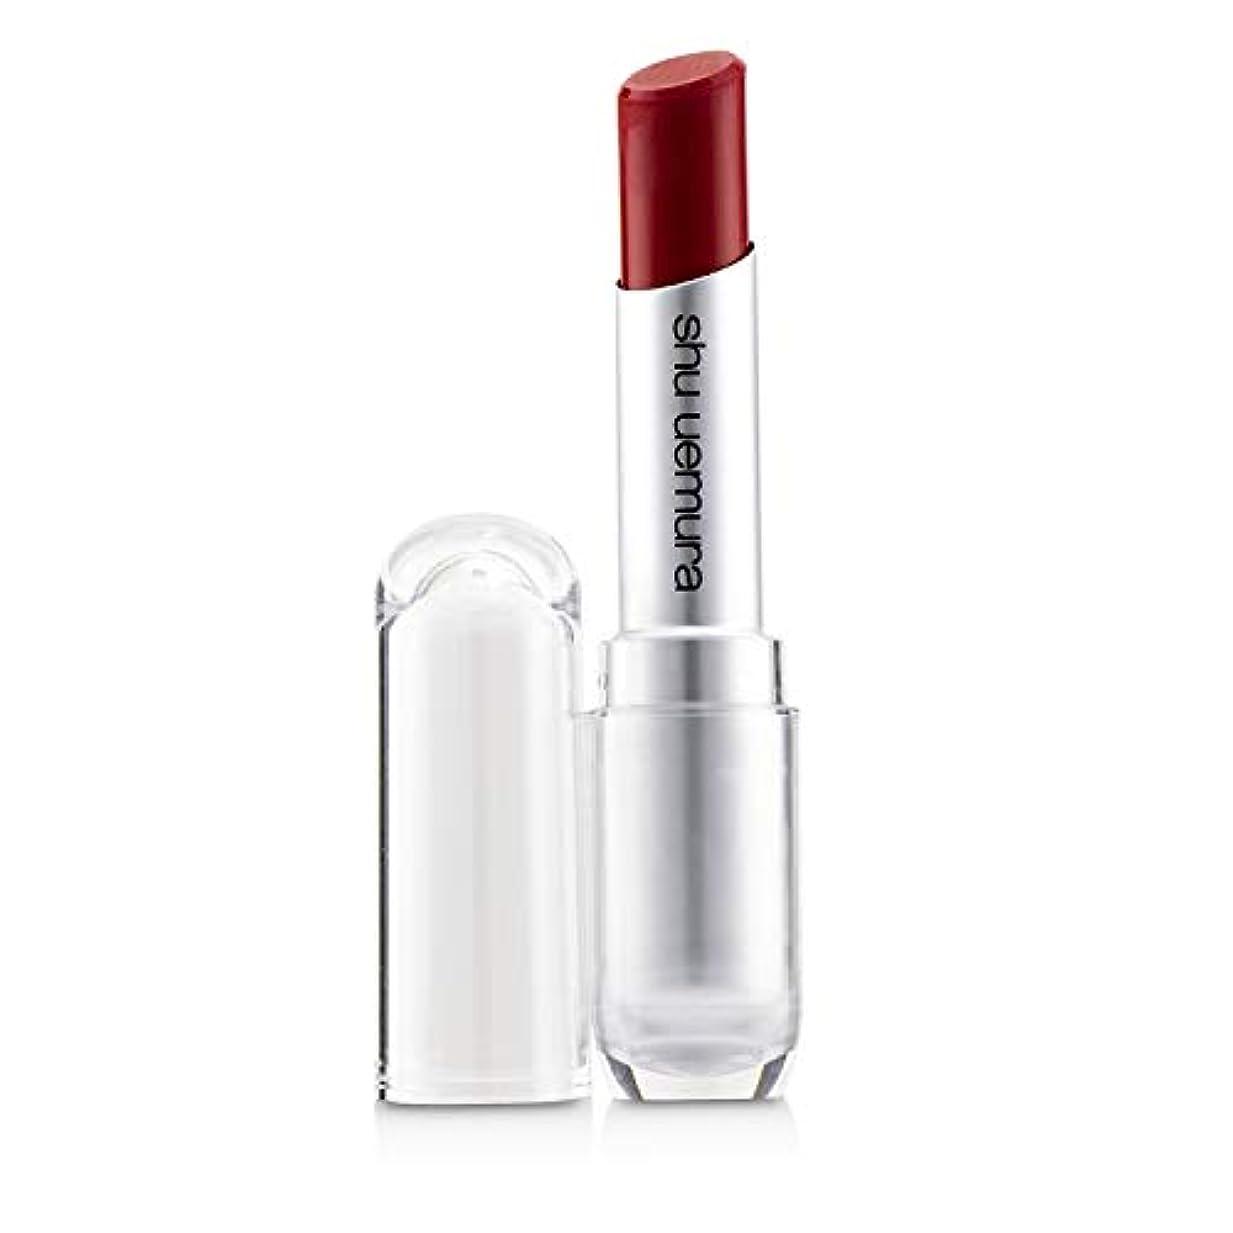 多くの危険がある状況中止します時代遅れシュウウエムラ Rouge Unlimited Matte Lipstick - # M RD 144 3.4g/0.11oz並行輸入品